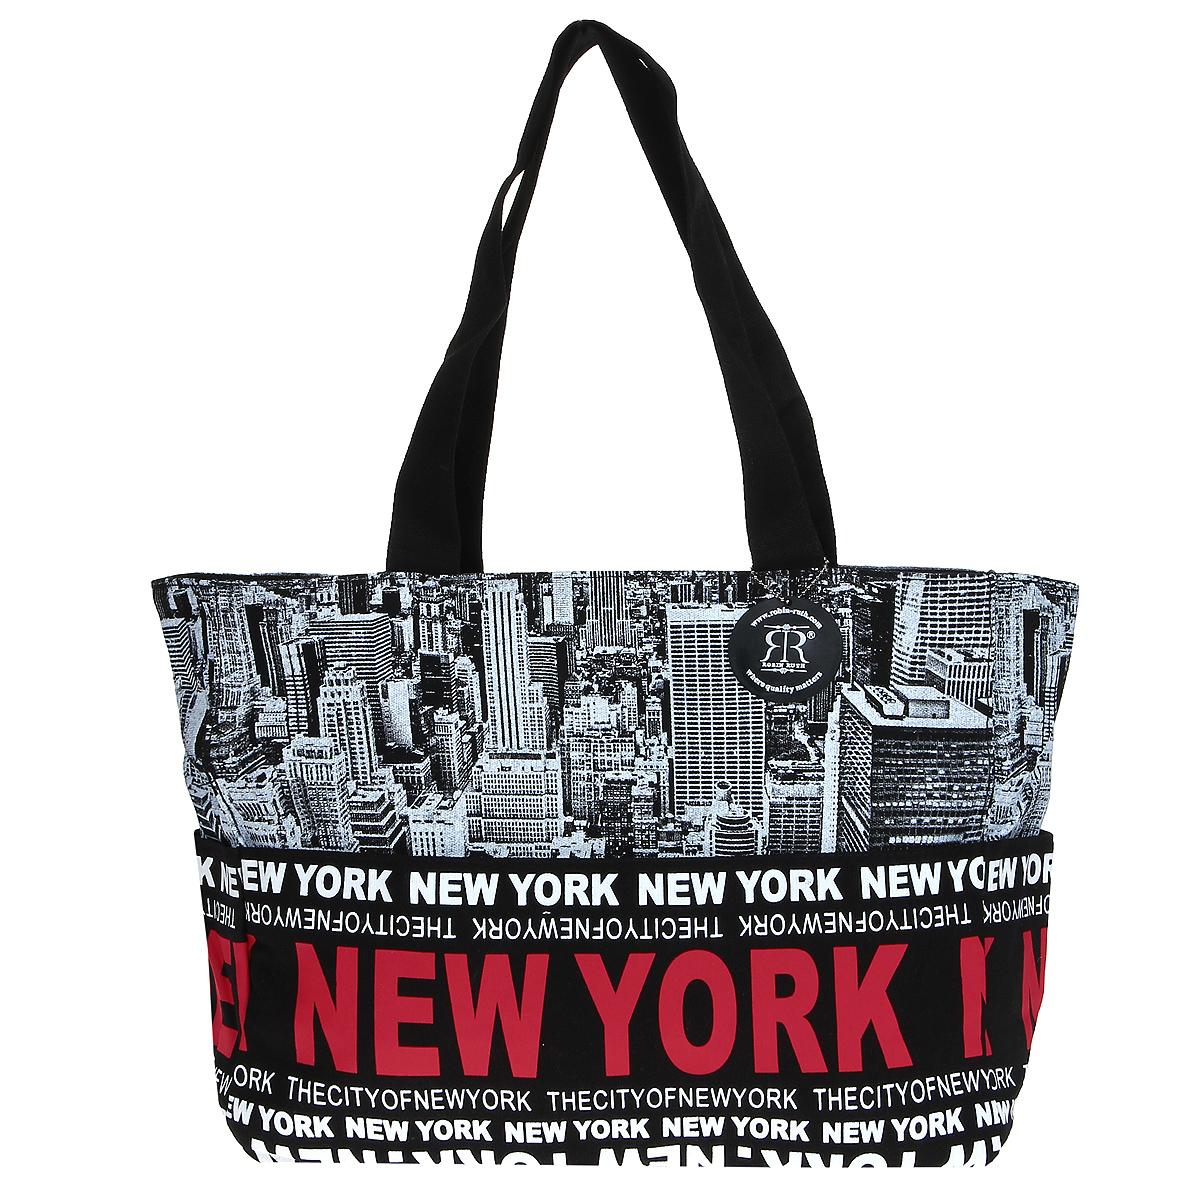 Сумка женская Robin Ruth New York, цвет: черный, белый. BNY014-ZBNY014-ZСтильная женская сумка выполнена из канвы черного, белого цветов и оформлена принтом в виде надписей New York. Сумка состоит из одного основного отделения, которое закрывается на молнию. Внутри вшитый карман на молнии и накладной кармашек для мобильного телефона. Такая сумка идеально дополнит ваш образ. Характеристики: Цвет: черный, белый. Материал: канва, металл. Размер сумки (без учета ручки): 47 см х 29 см х 13 см. Высота ручек: 25 см. Изготовитель: Китай. Артикул: BNY014-Z.